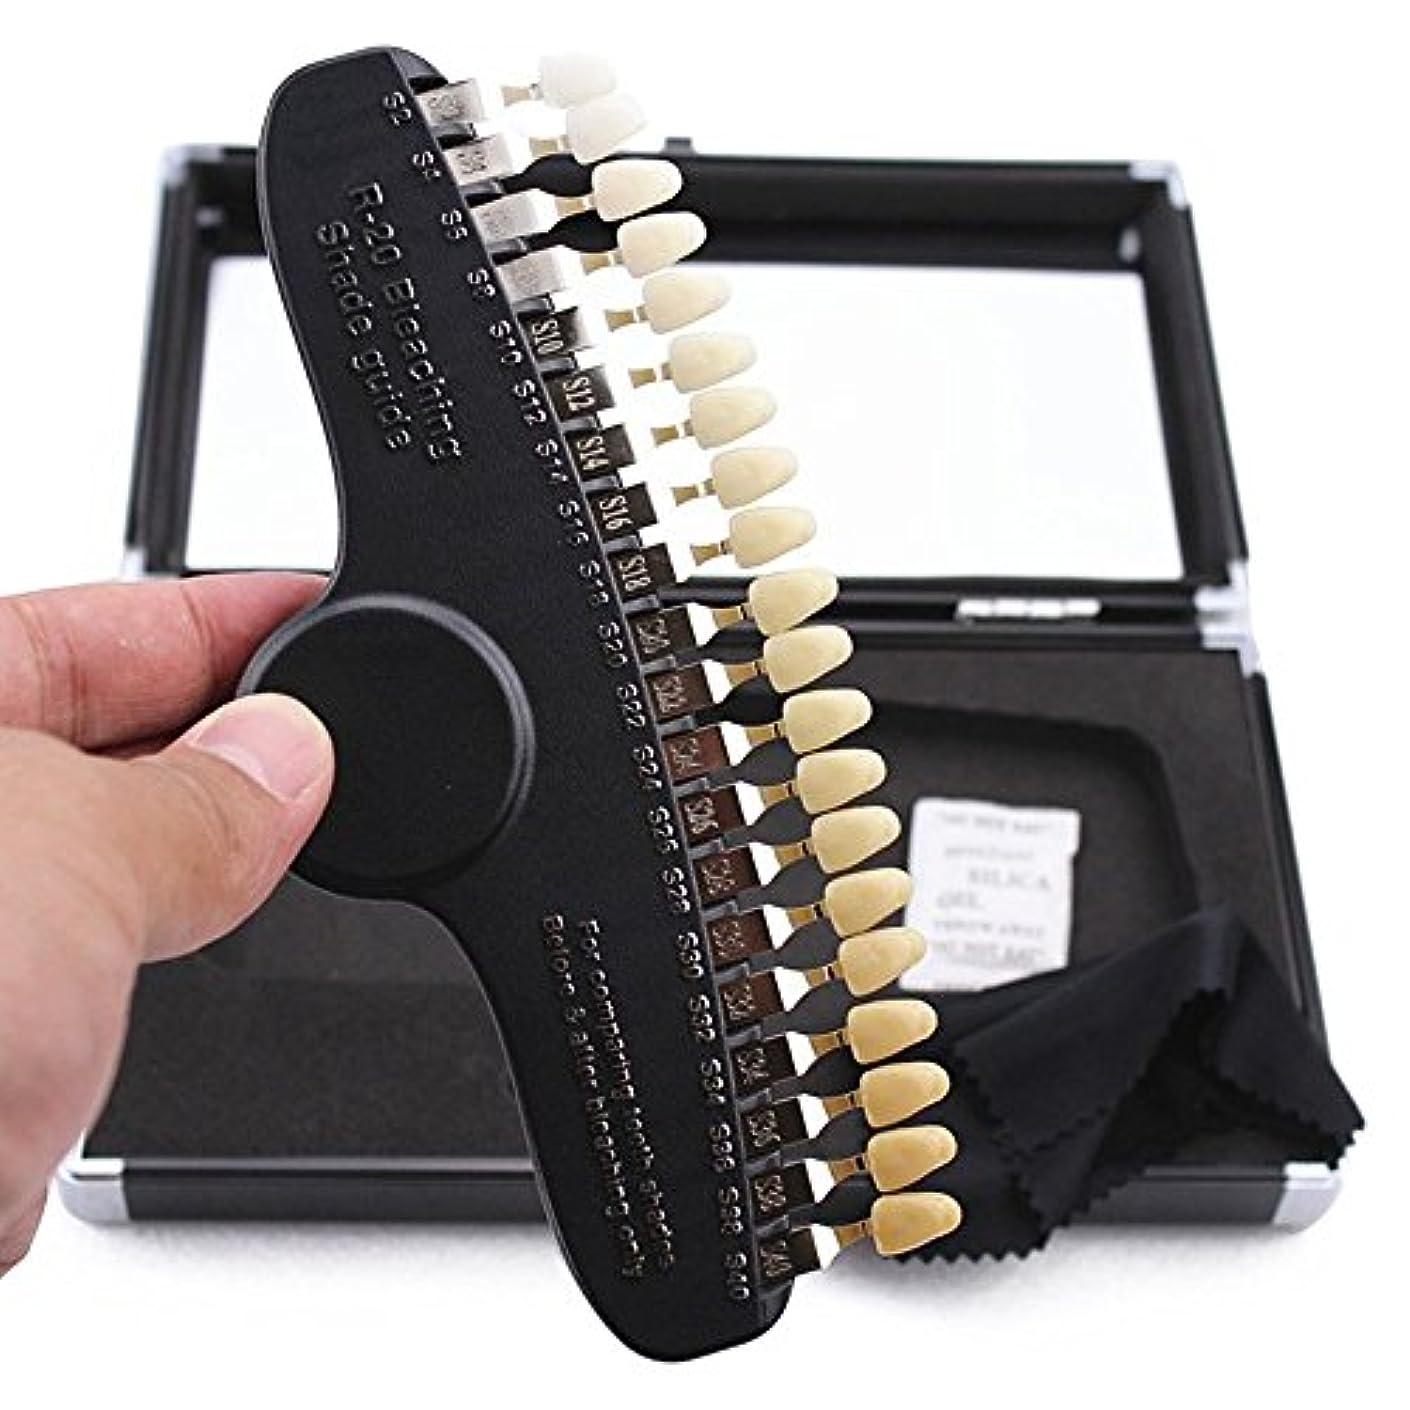 アレルギービット彼らのものPochiDen 歯科ホワイトニング用シェードガイド 20色 3D 歯列模型ボード